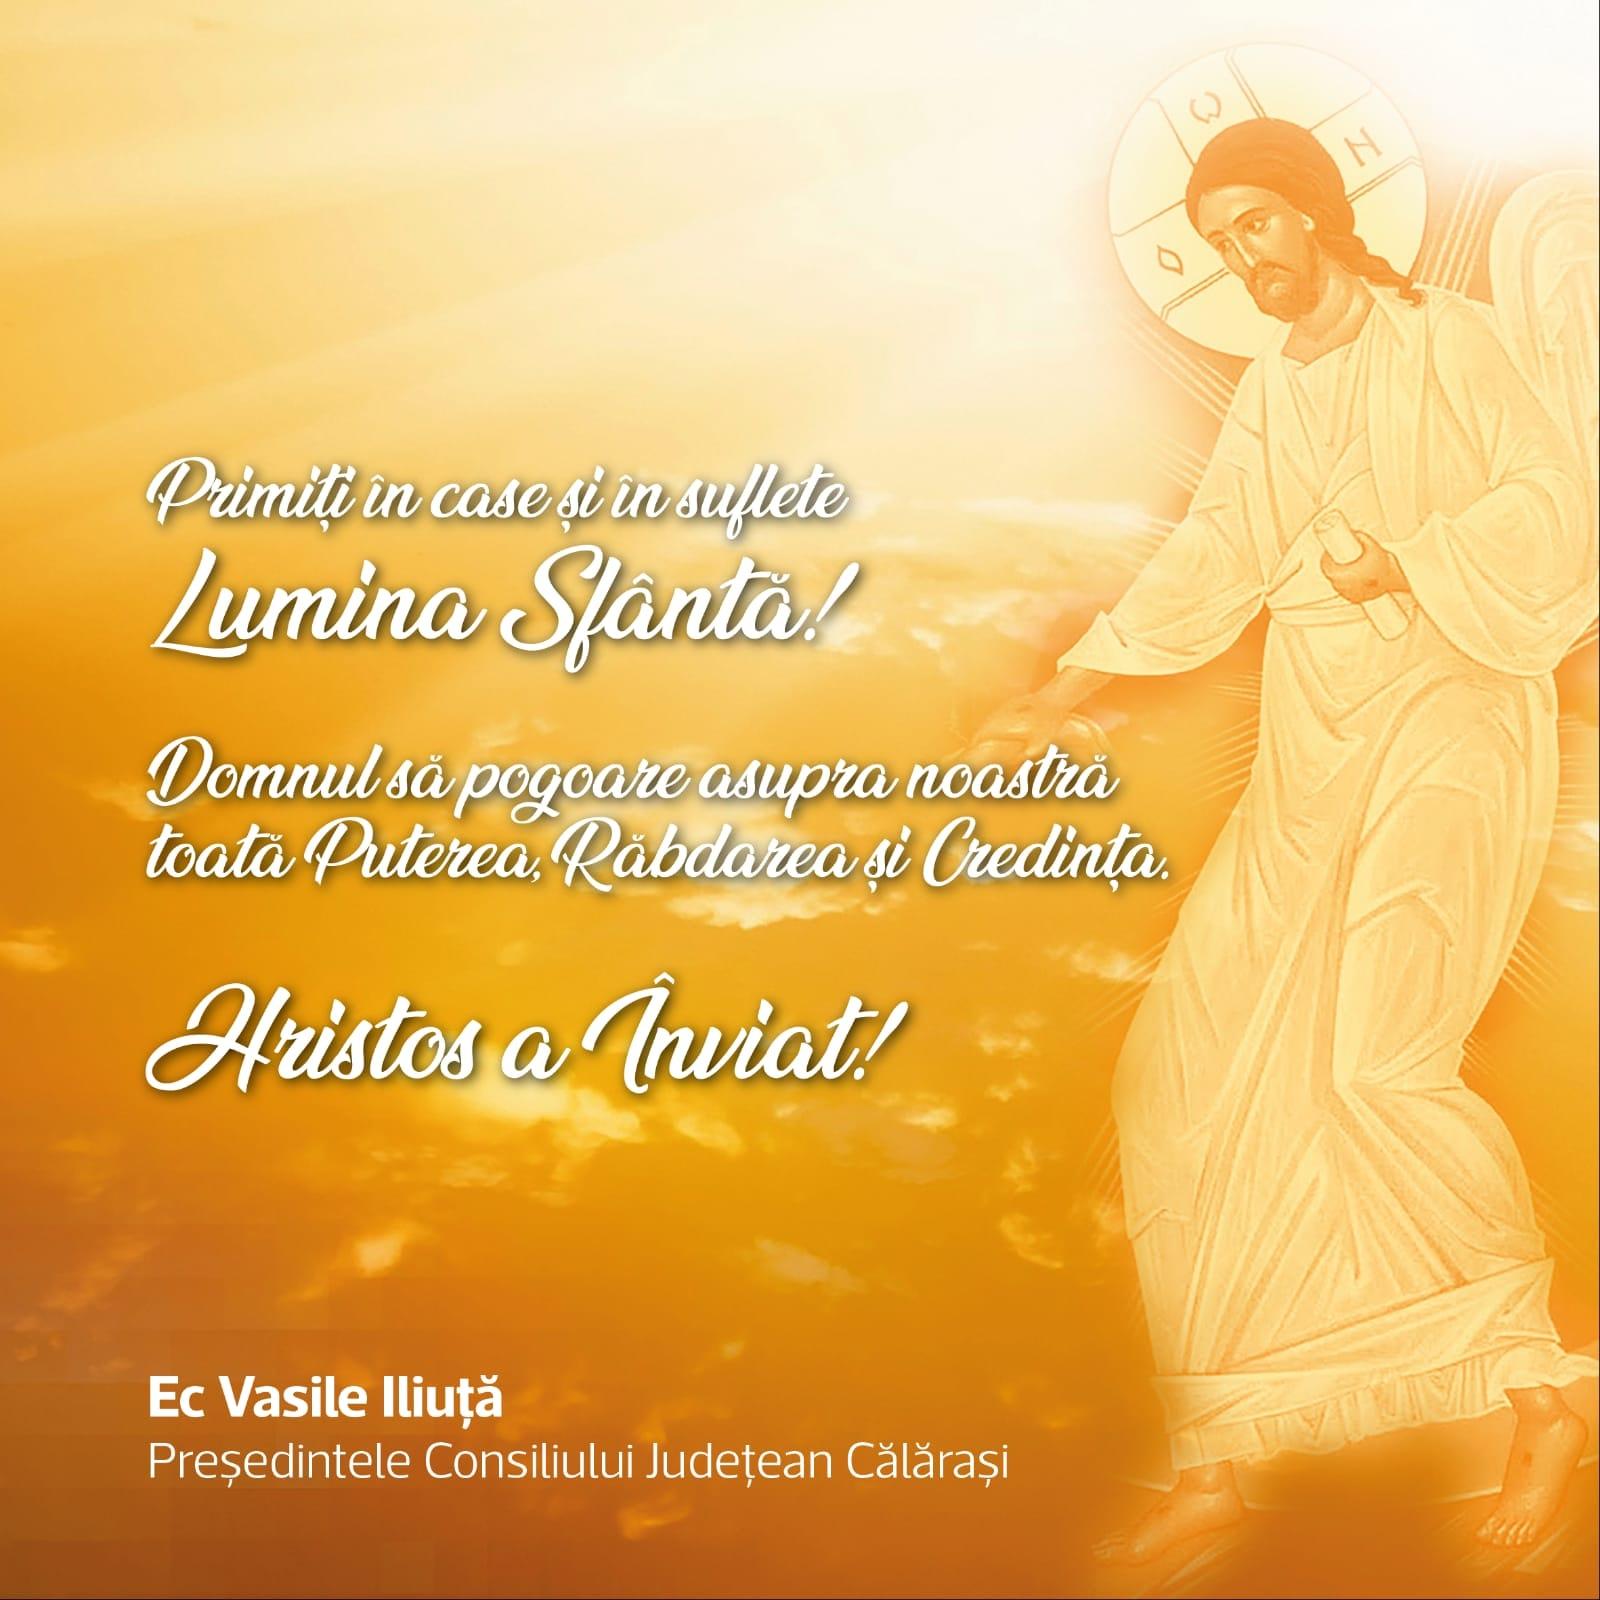 """Președintele C.J.C., Vasile Iliuță: ,,Primiți în case și în suflete Lumina Sfântă"""""""